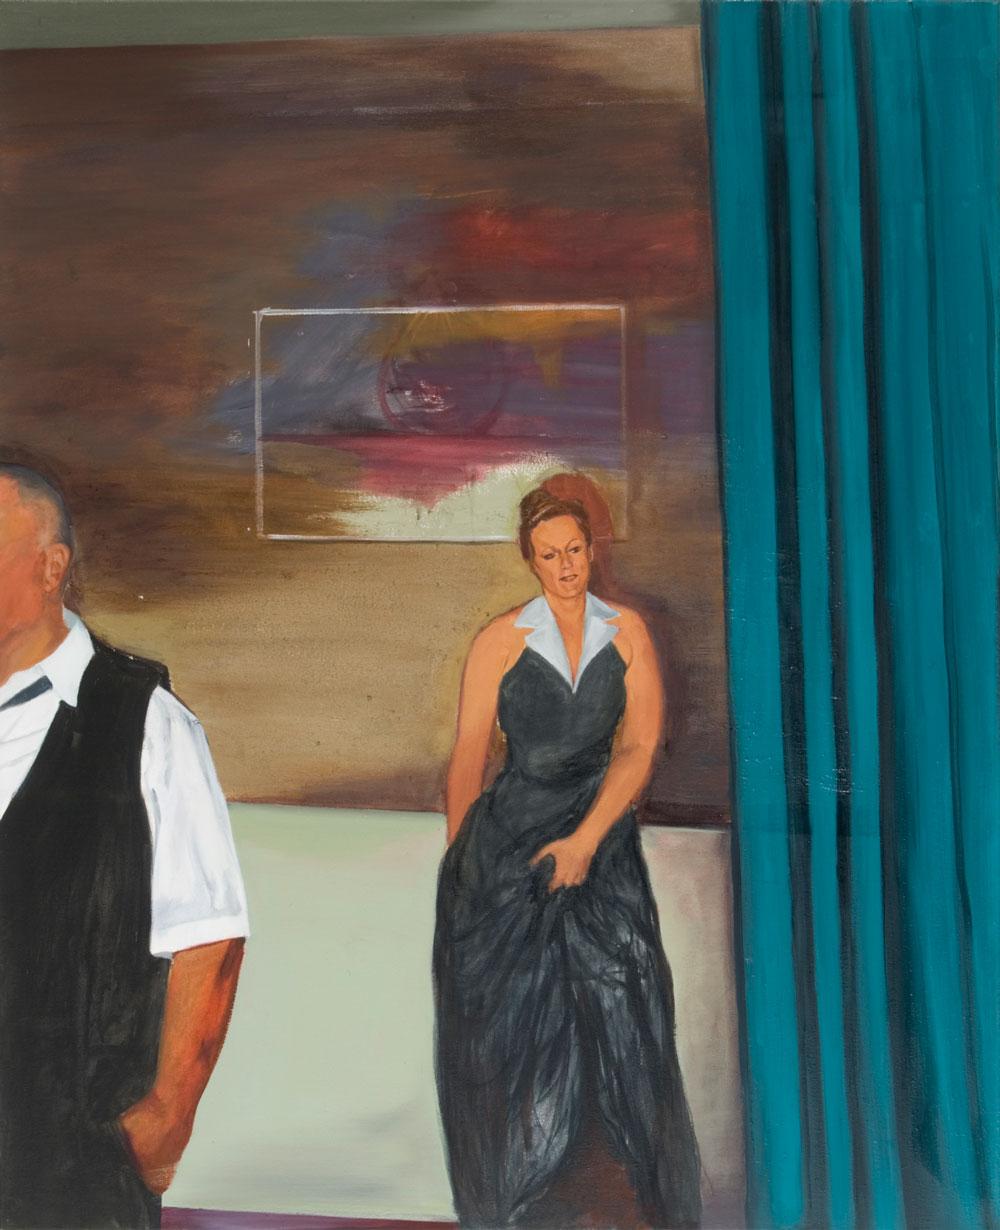 eine Frau im schwarzen Abendkleid lehnt an einer Wand und greift sich in ihren Rock, ihr Blick versonennen lächelnd, rechts ien Vorhang, links vorne ein angeschnittener Mann